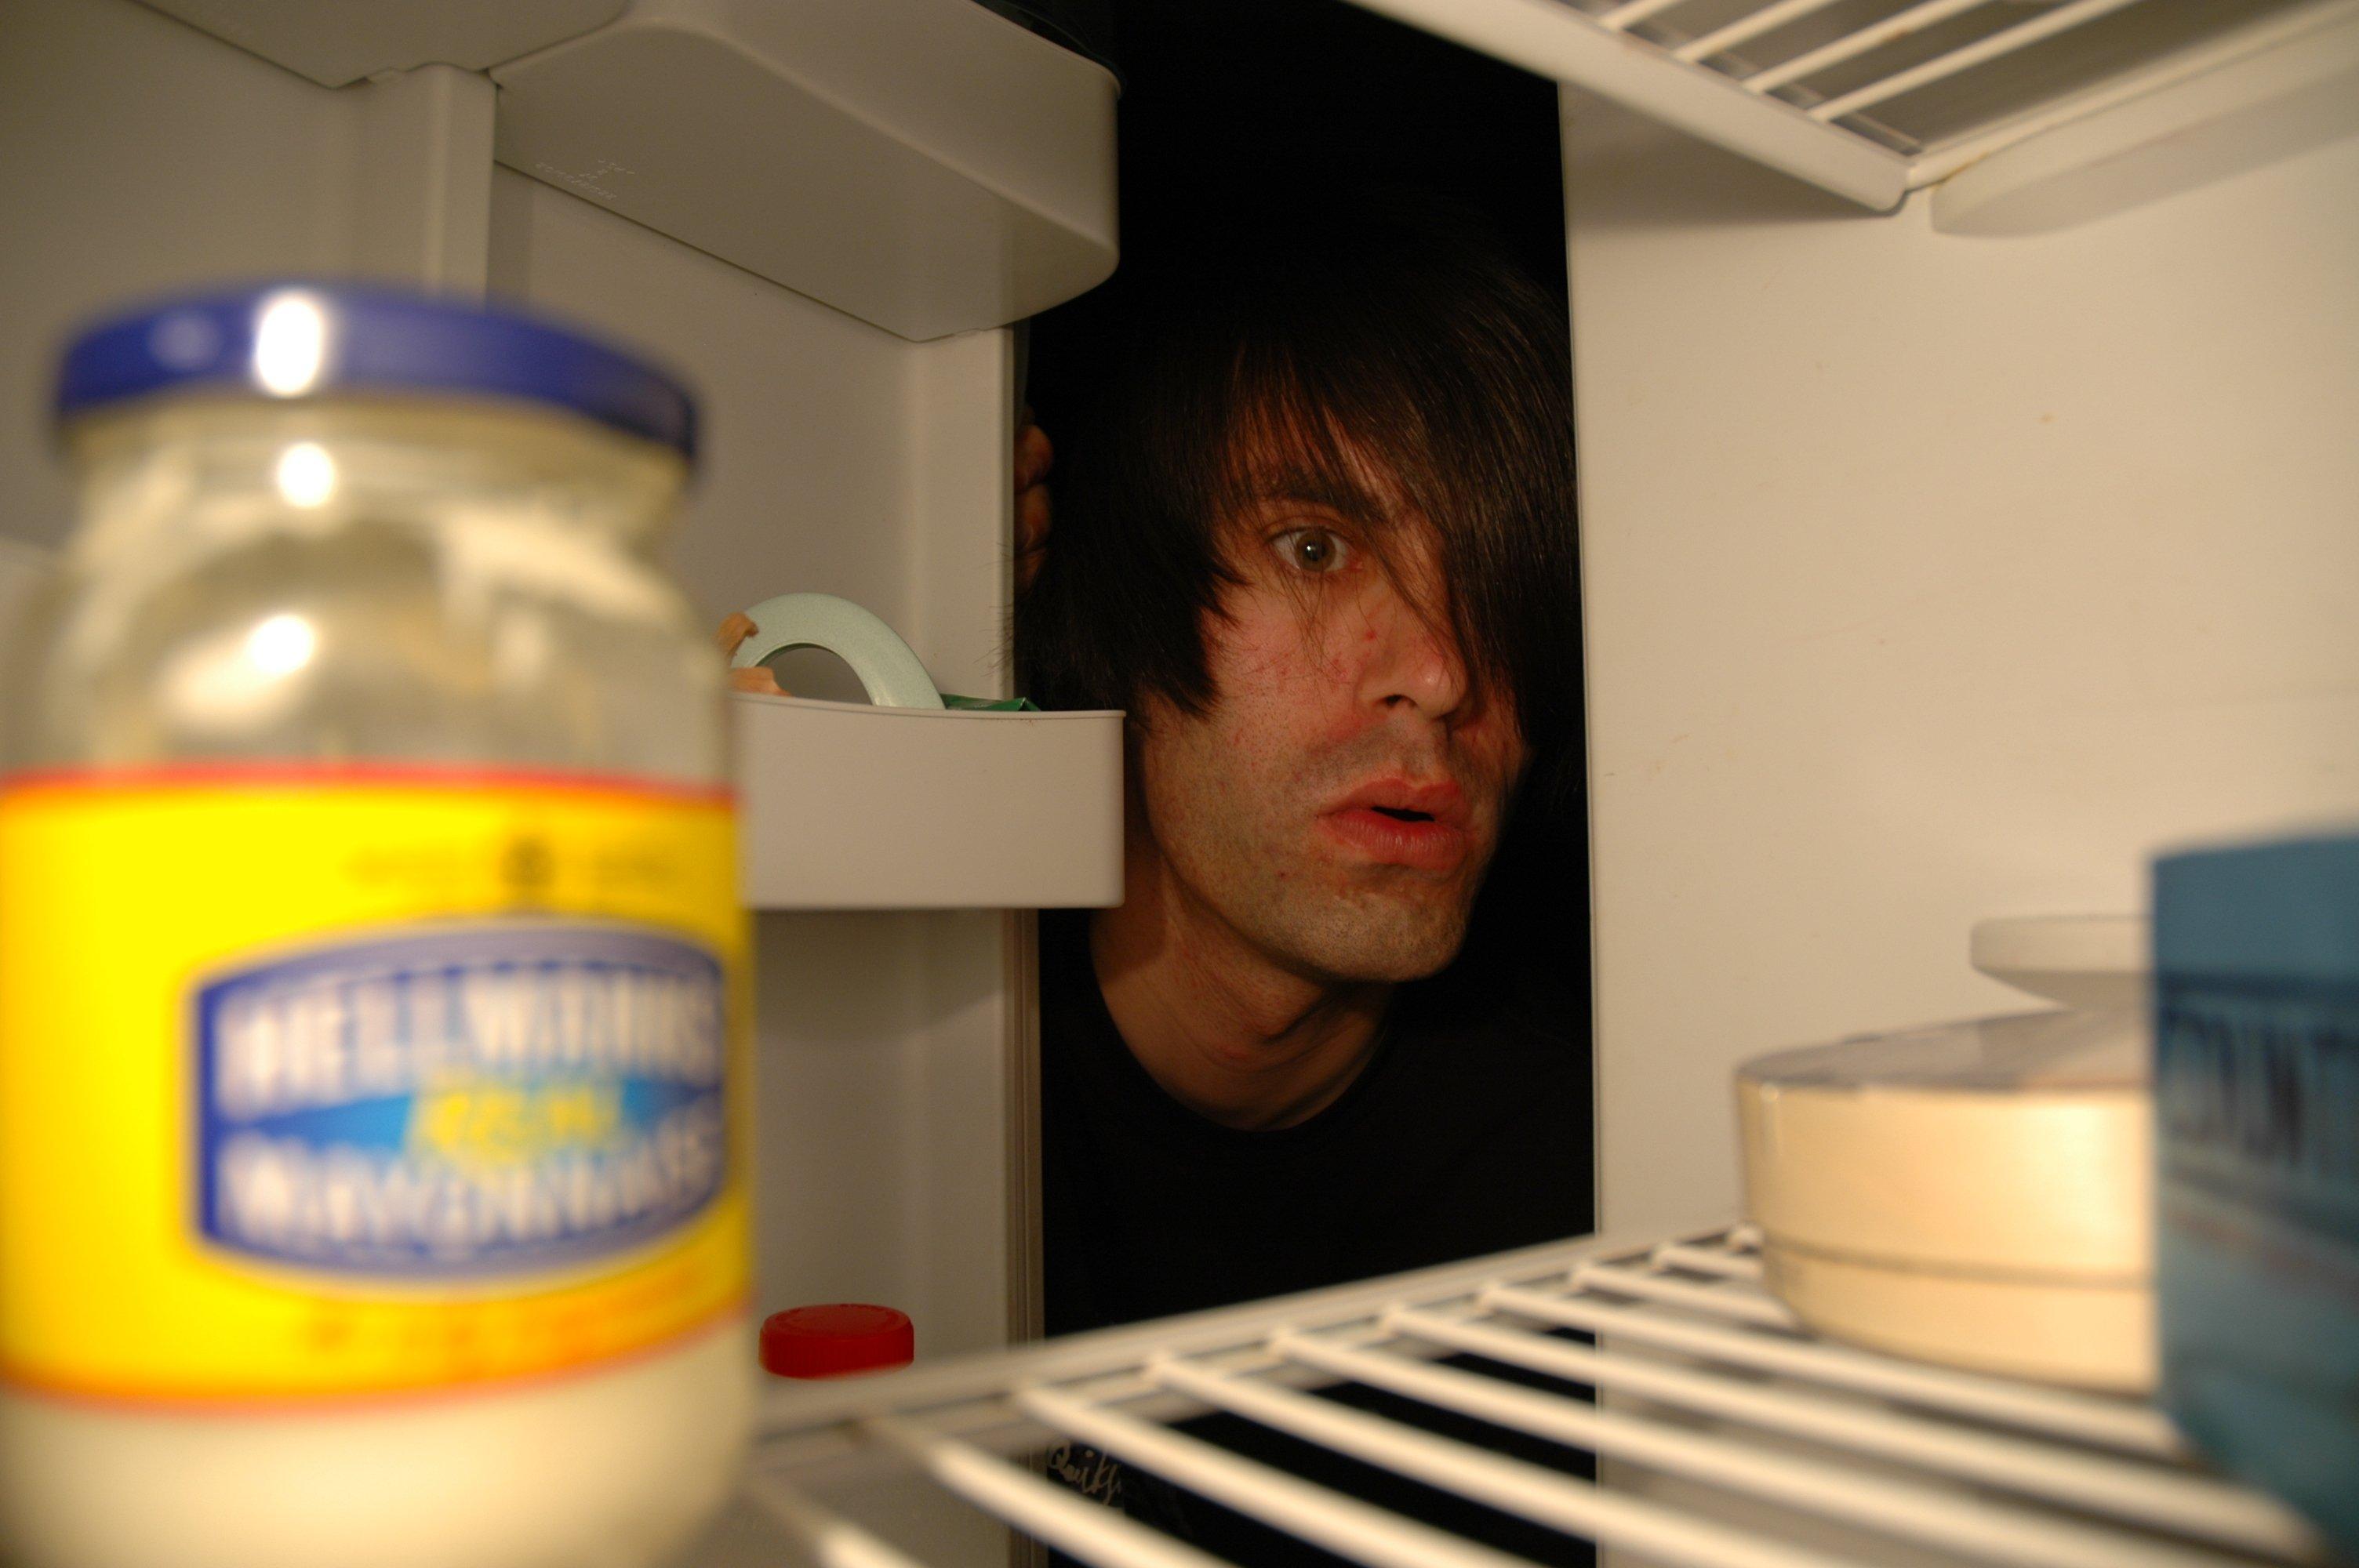 uomo cerca nel frigo